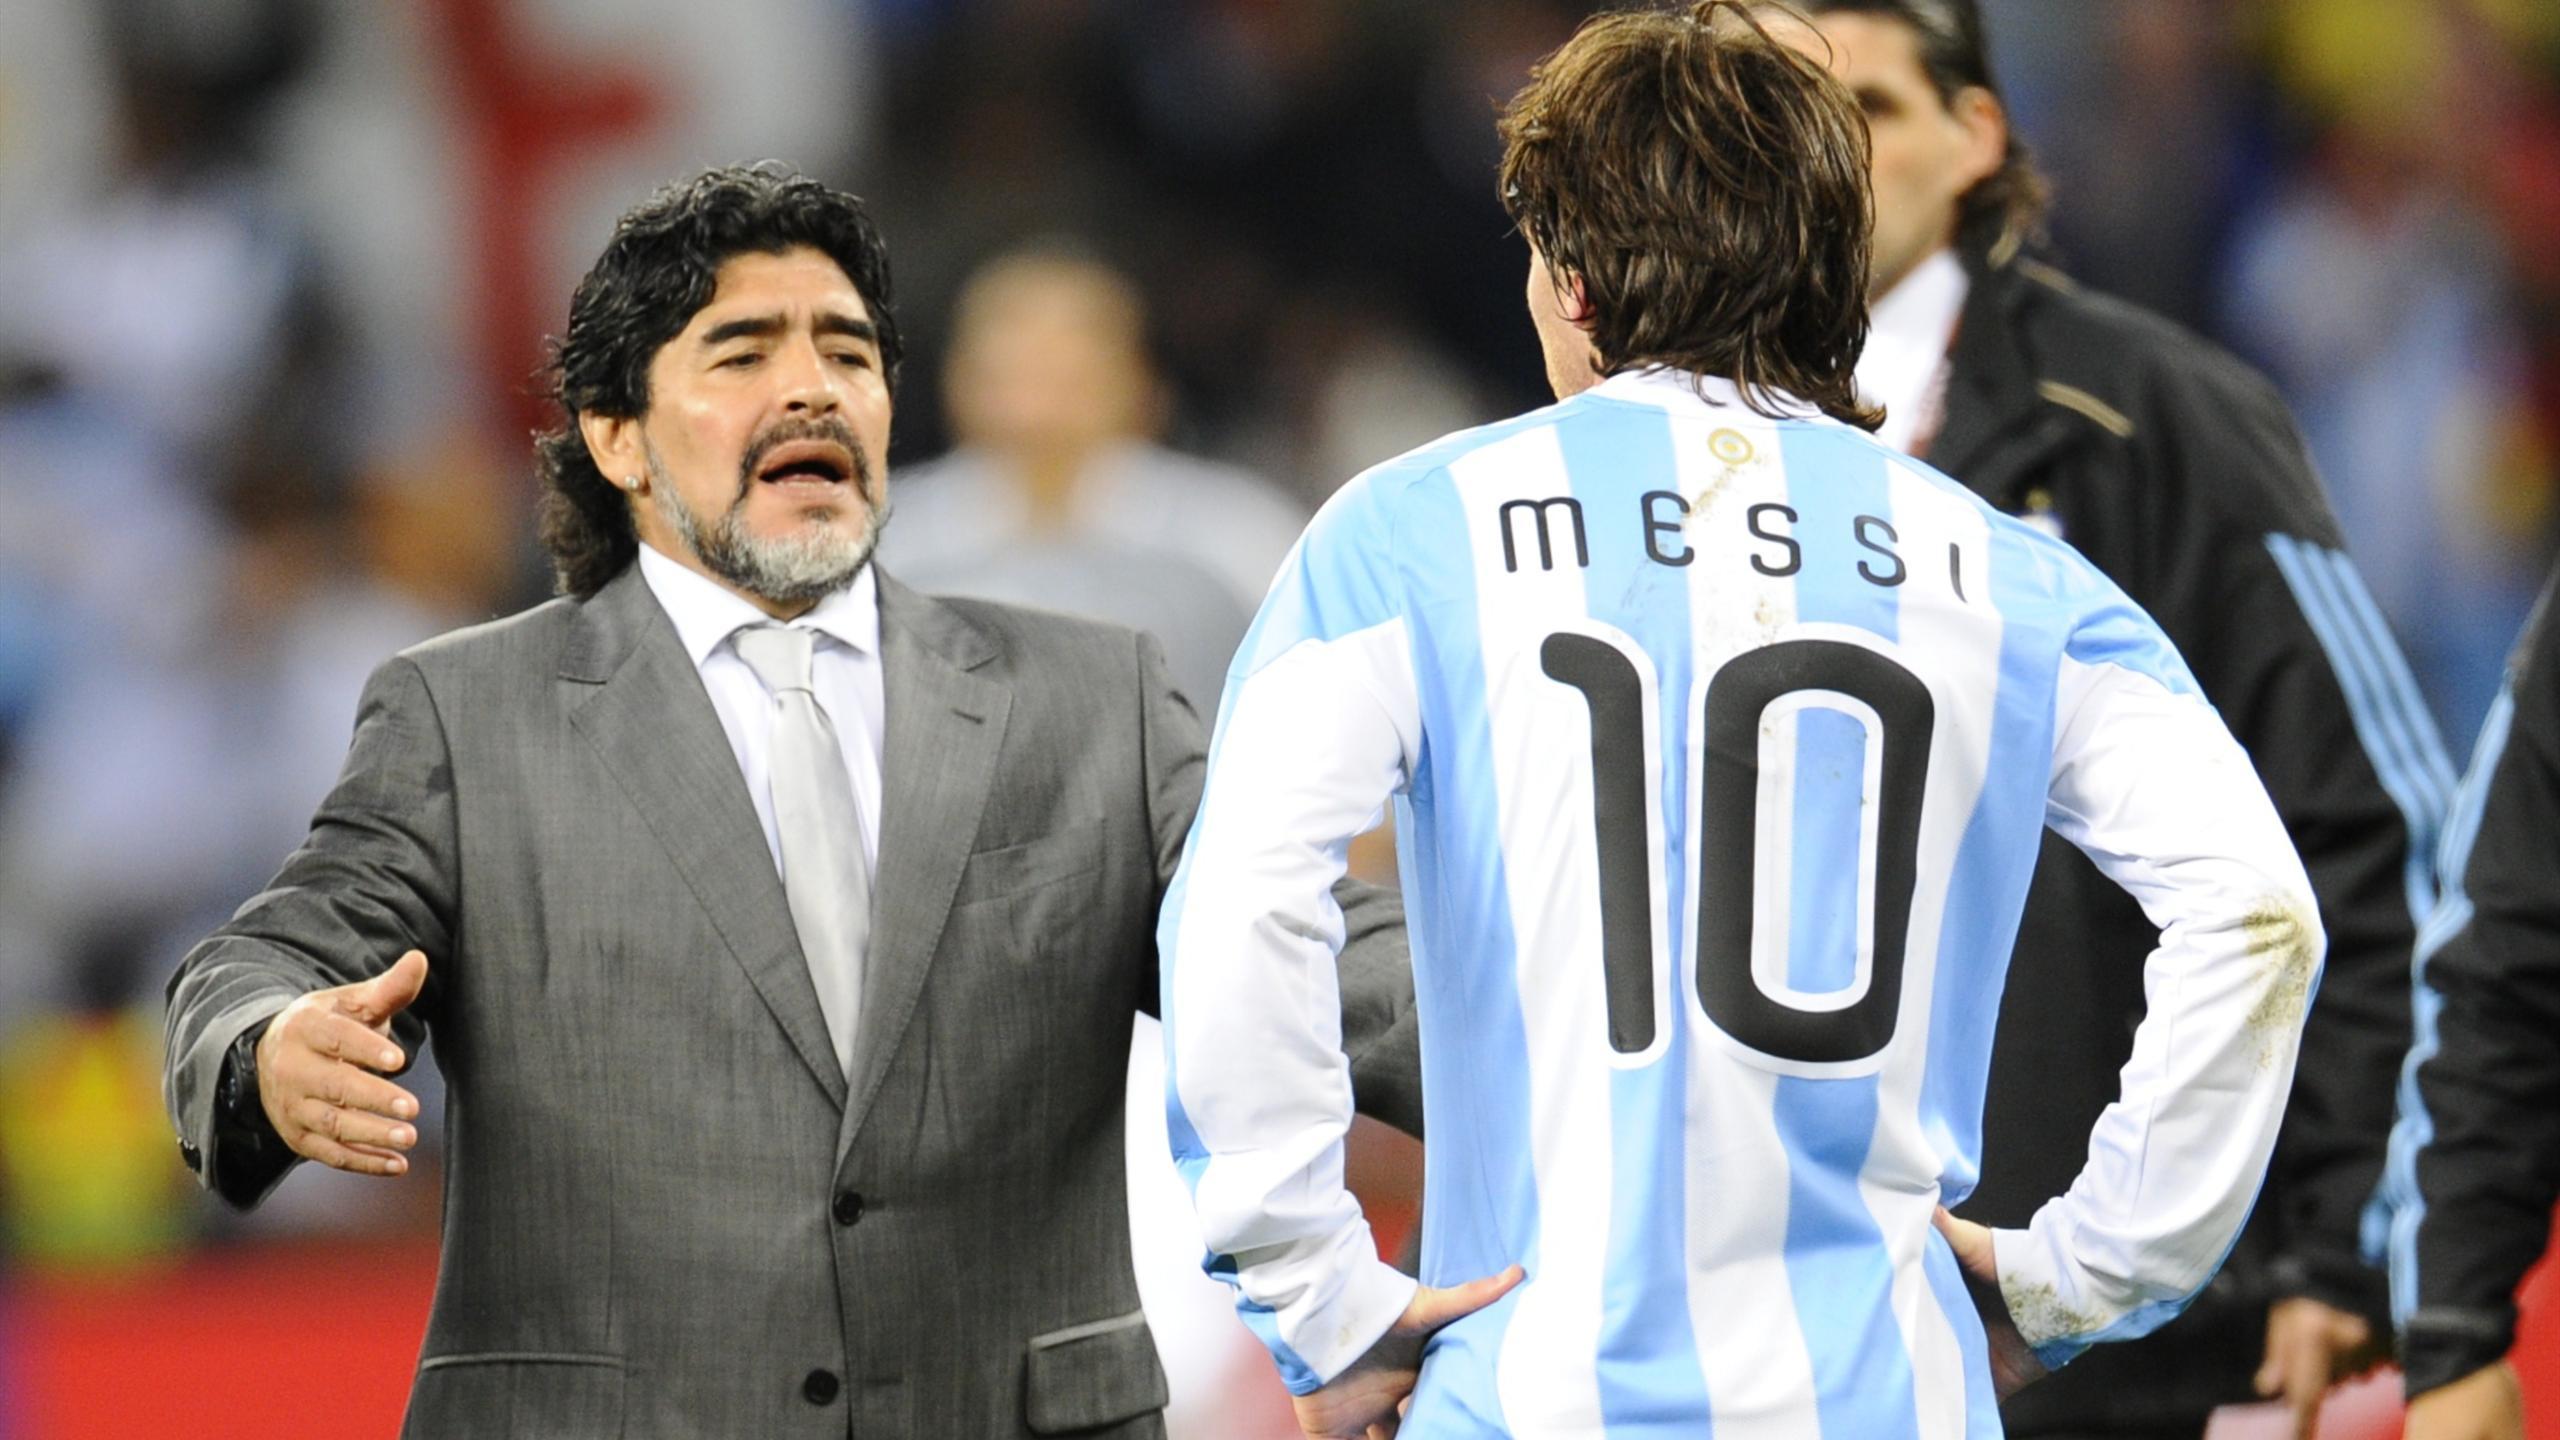 Maradona et Messi en 2010